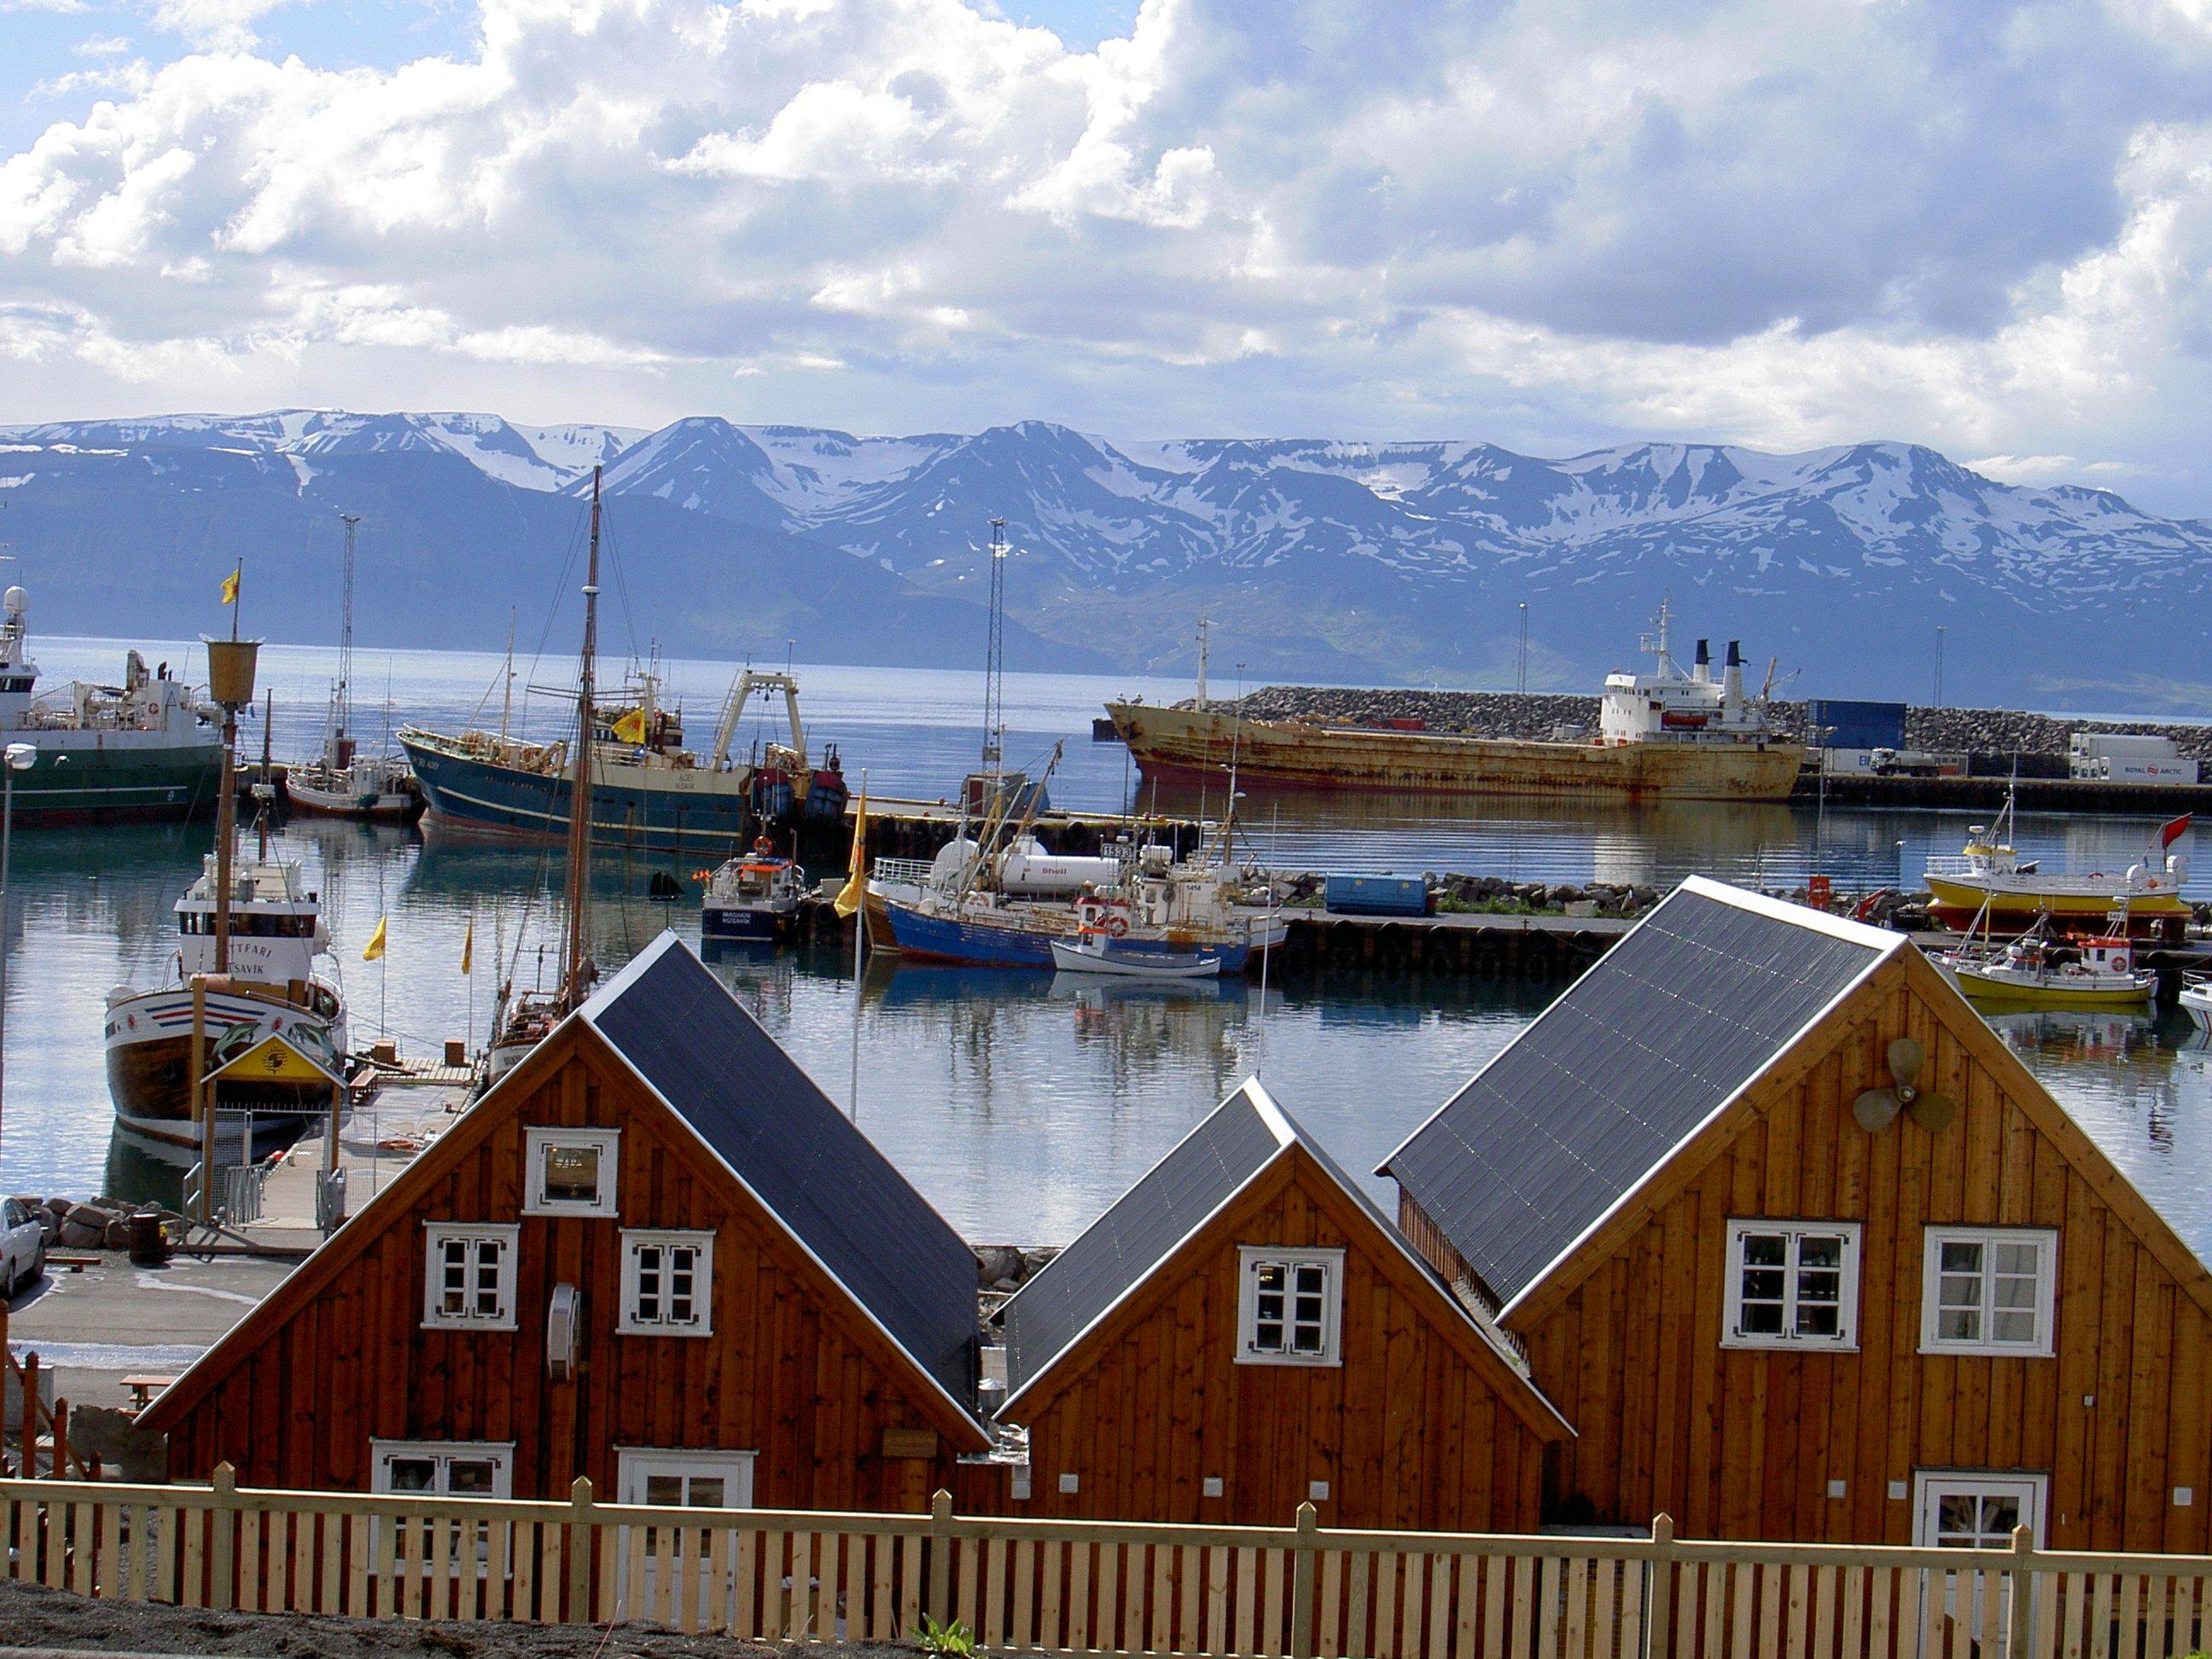 Husavik nordur mulasysla iceland what happens in husavik right now